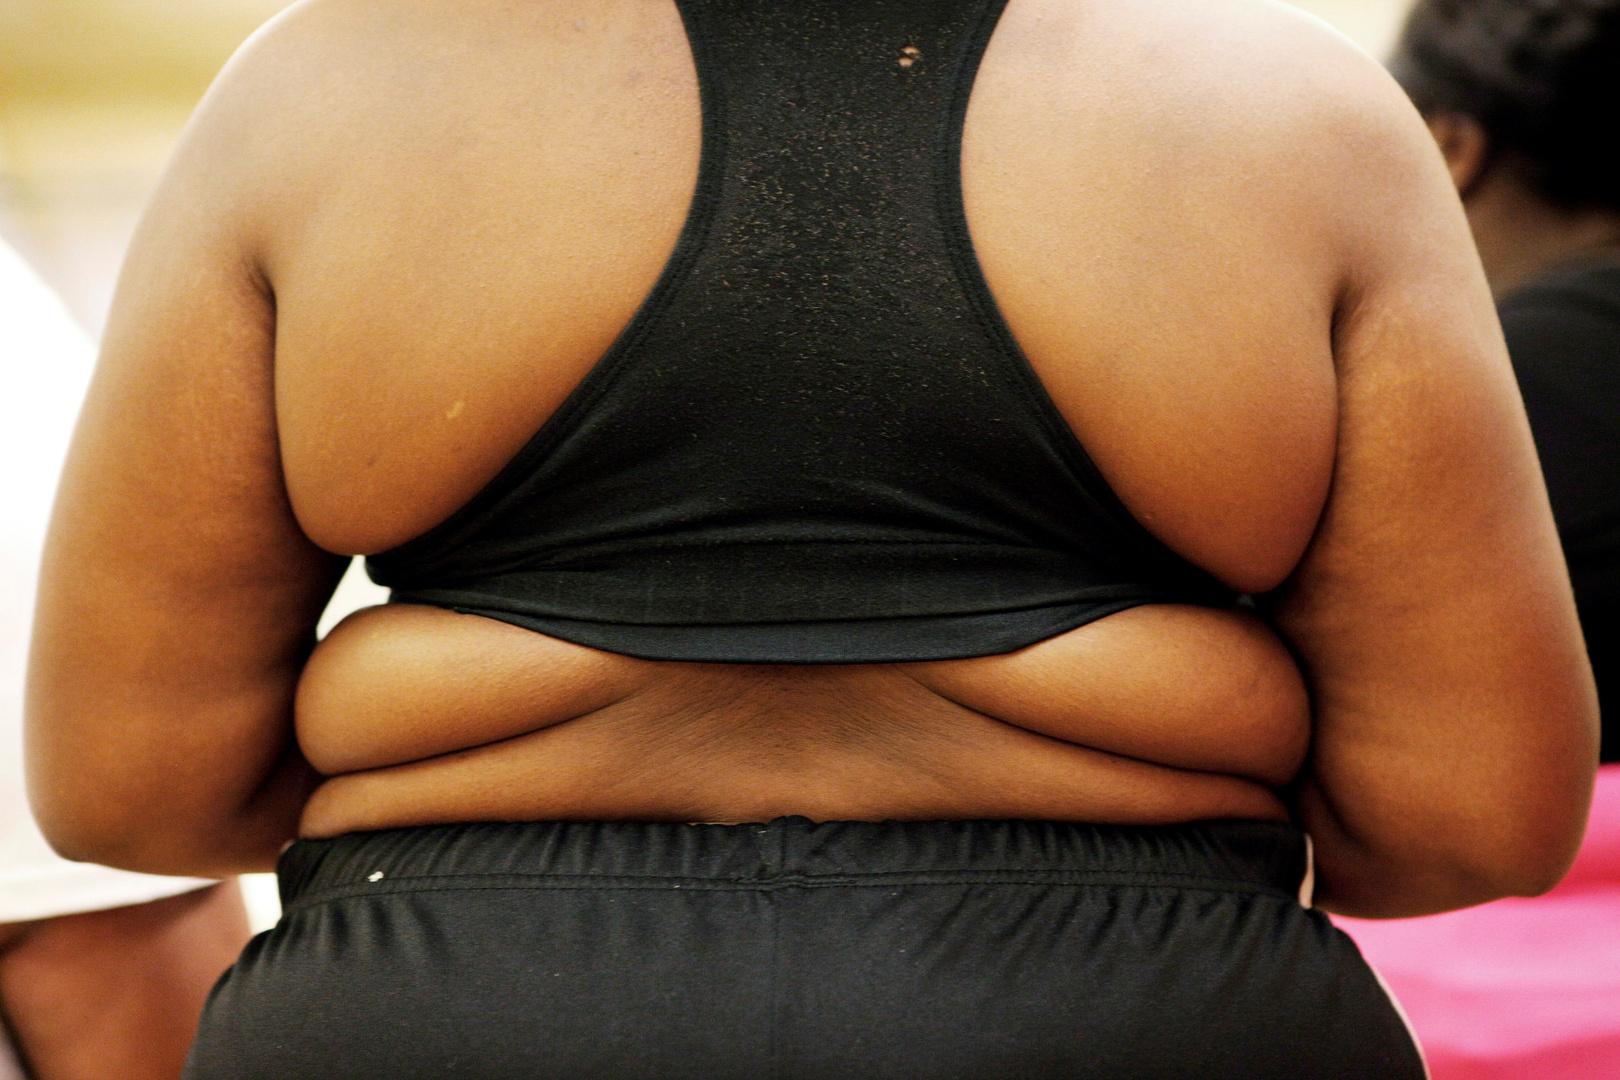 <a href='/tags/186407-%D8%B7%D8%A8%D9%8A%D8%A8%D8%A9'>طبيبة</a> تكشف سببا مفاجئا لزيادة الوزن